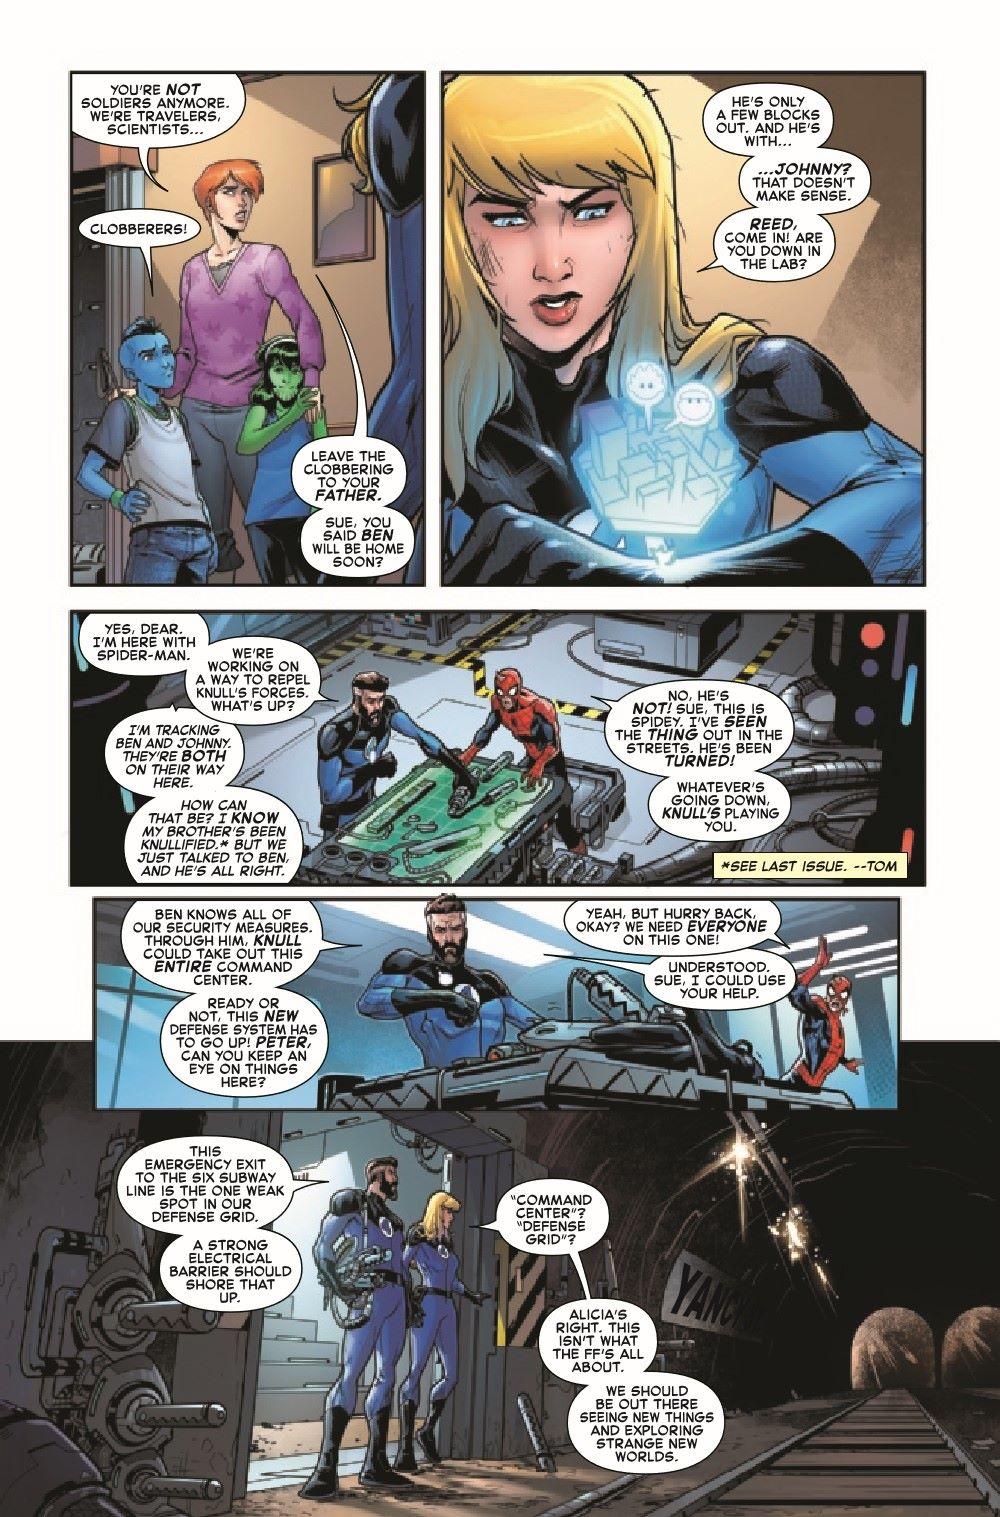 FF2018030_Preview-5 ComicList Previews: FANTASTIC FOUR #30